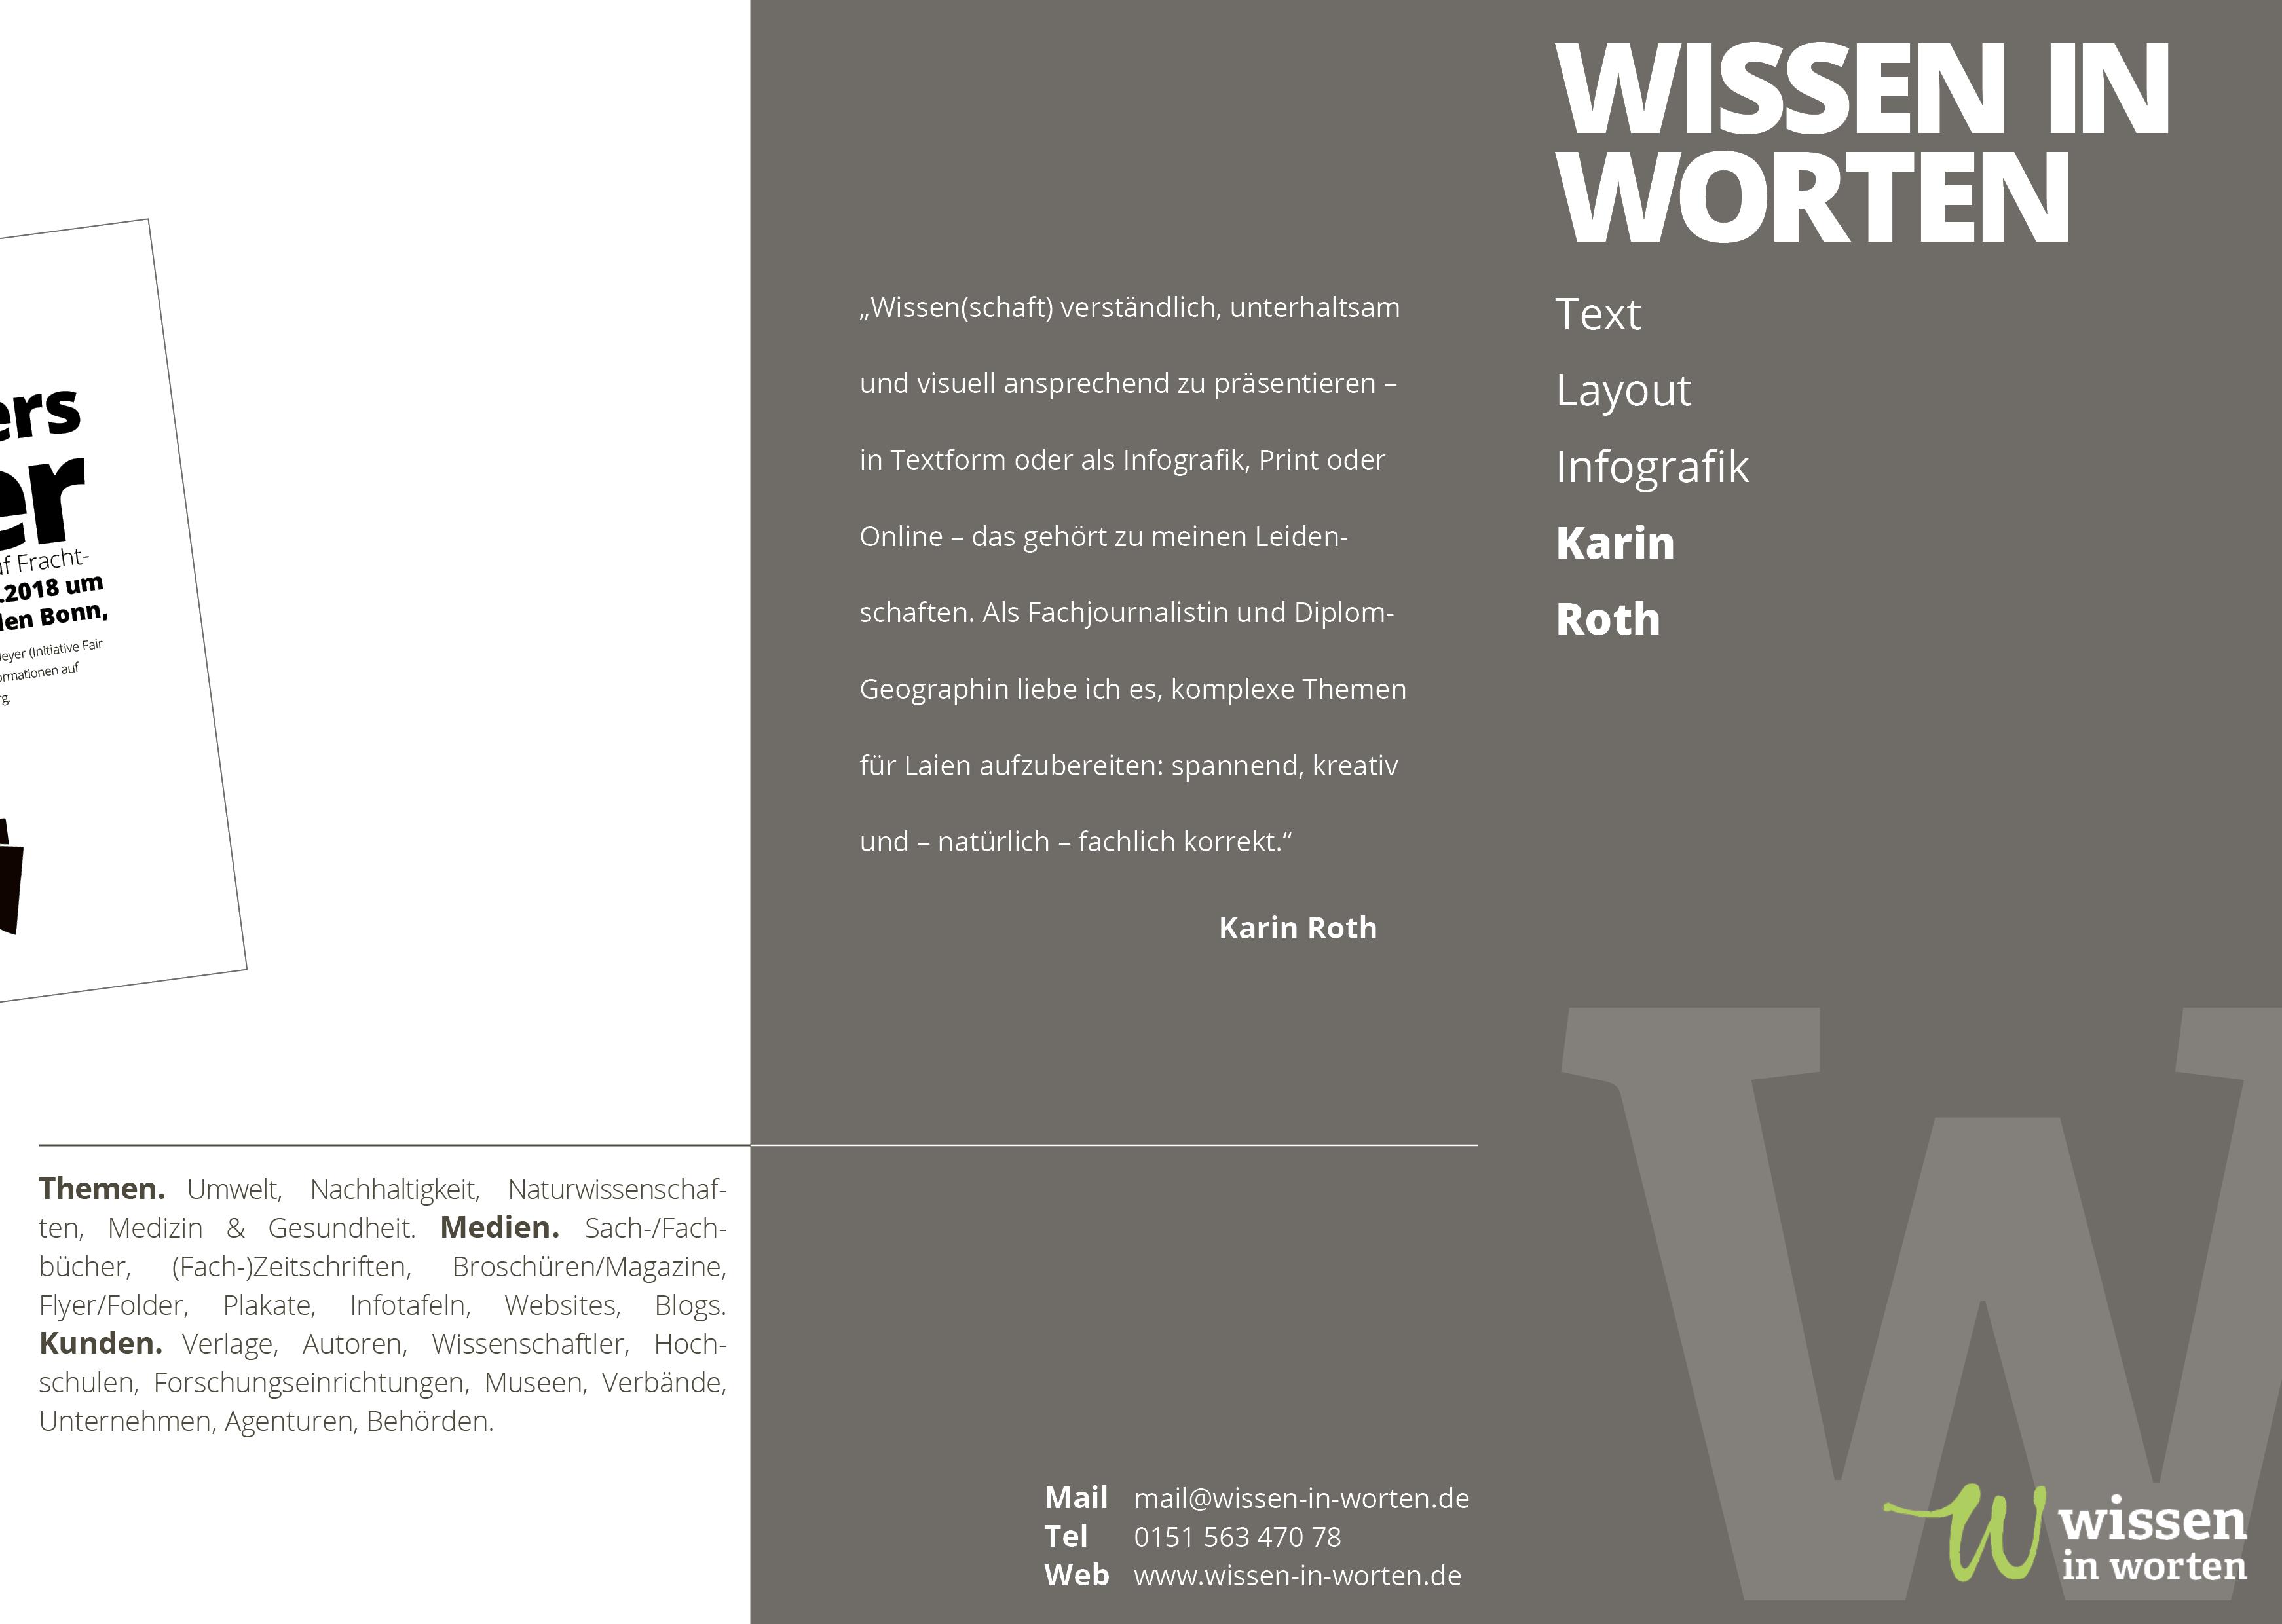 Wissen in Worten – Flyer (Außenseite)